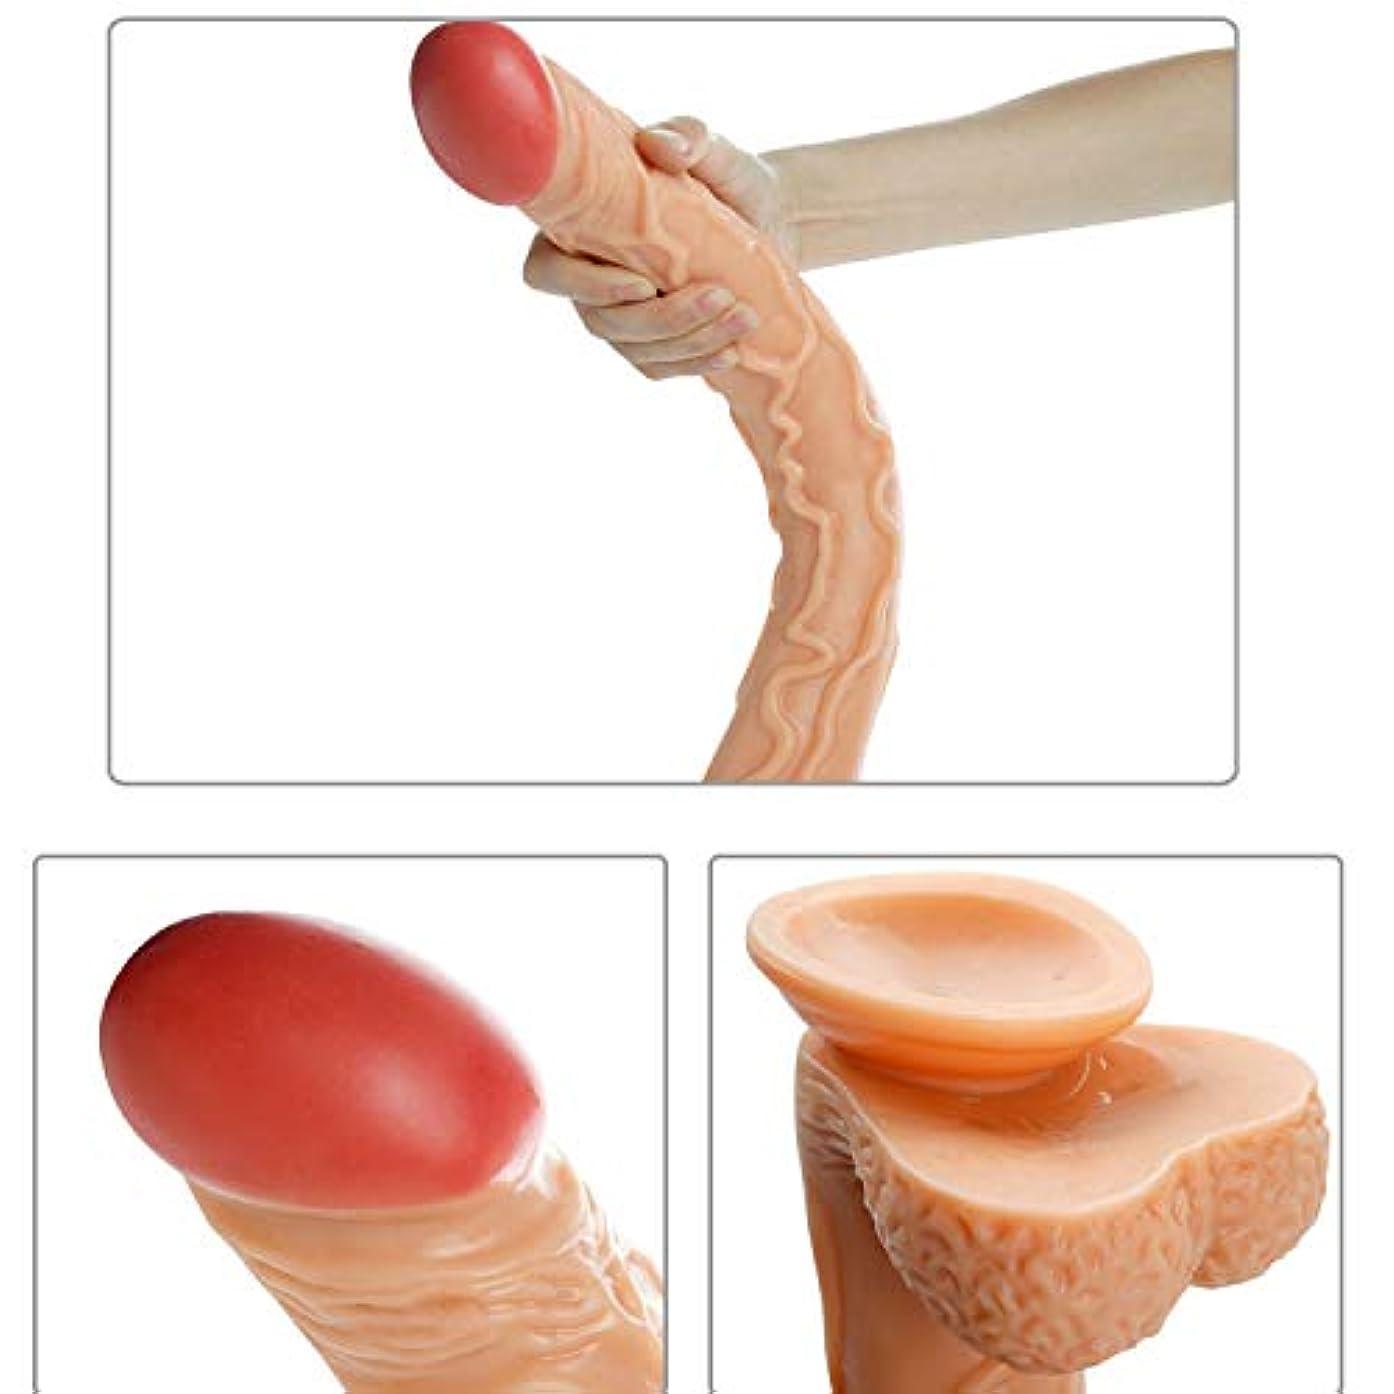 ベーコン四回レビュアーFHLJ 16.4インチの過剰なシリコン?î`ld?s 'MasssǎgerWand Tiptop Personal Body Massage Wand